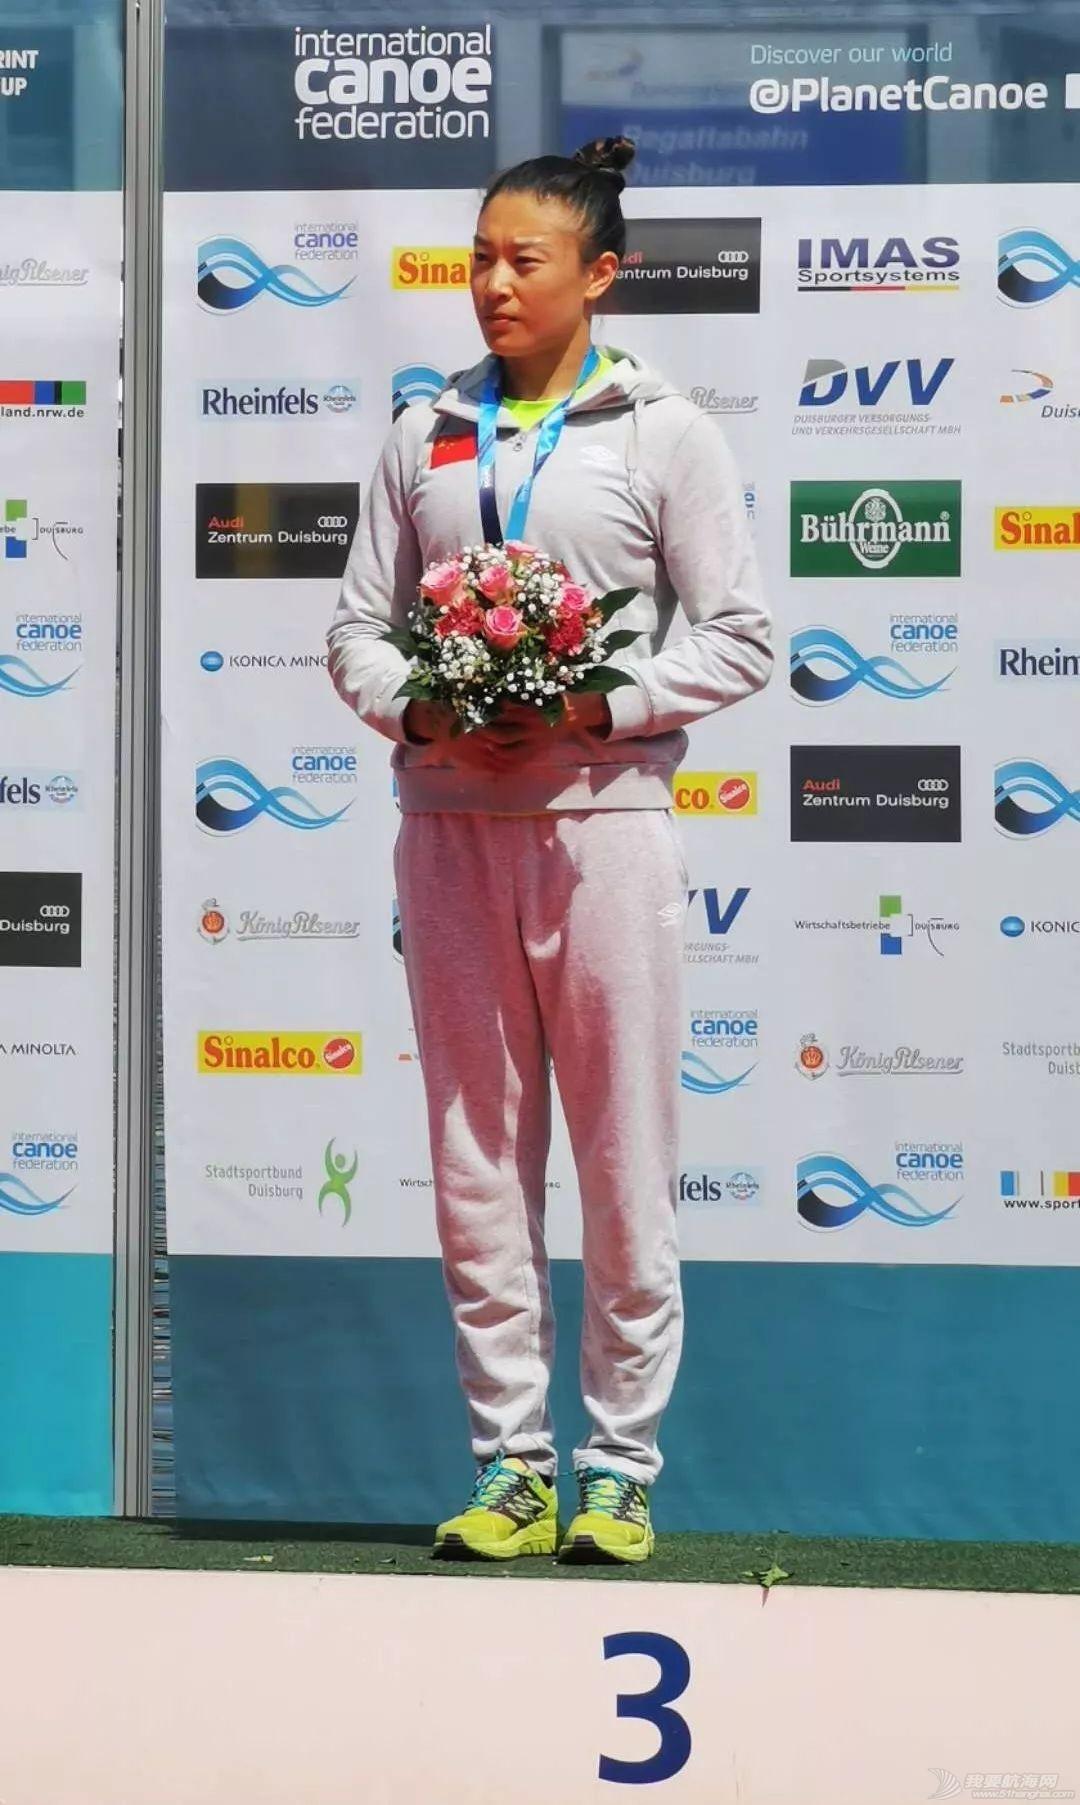 皮划艇世界杯第二站   终于等到这块金牌!浩飞组合男子双划1000米创世界最好成绩夺冠w9.jpg